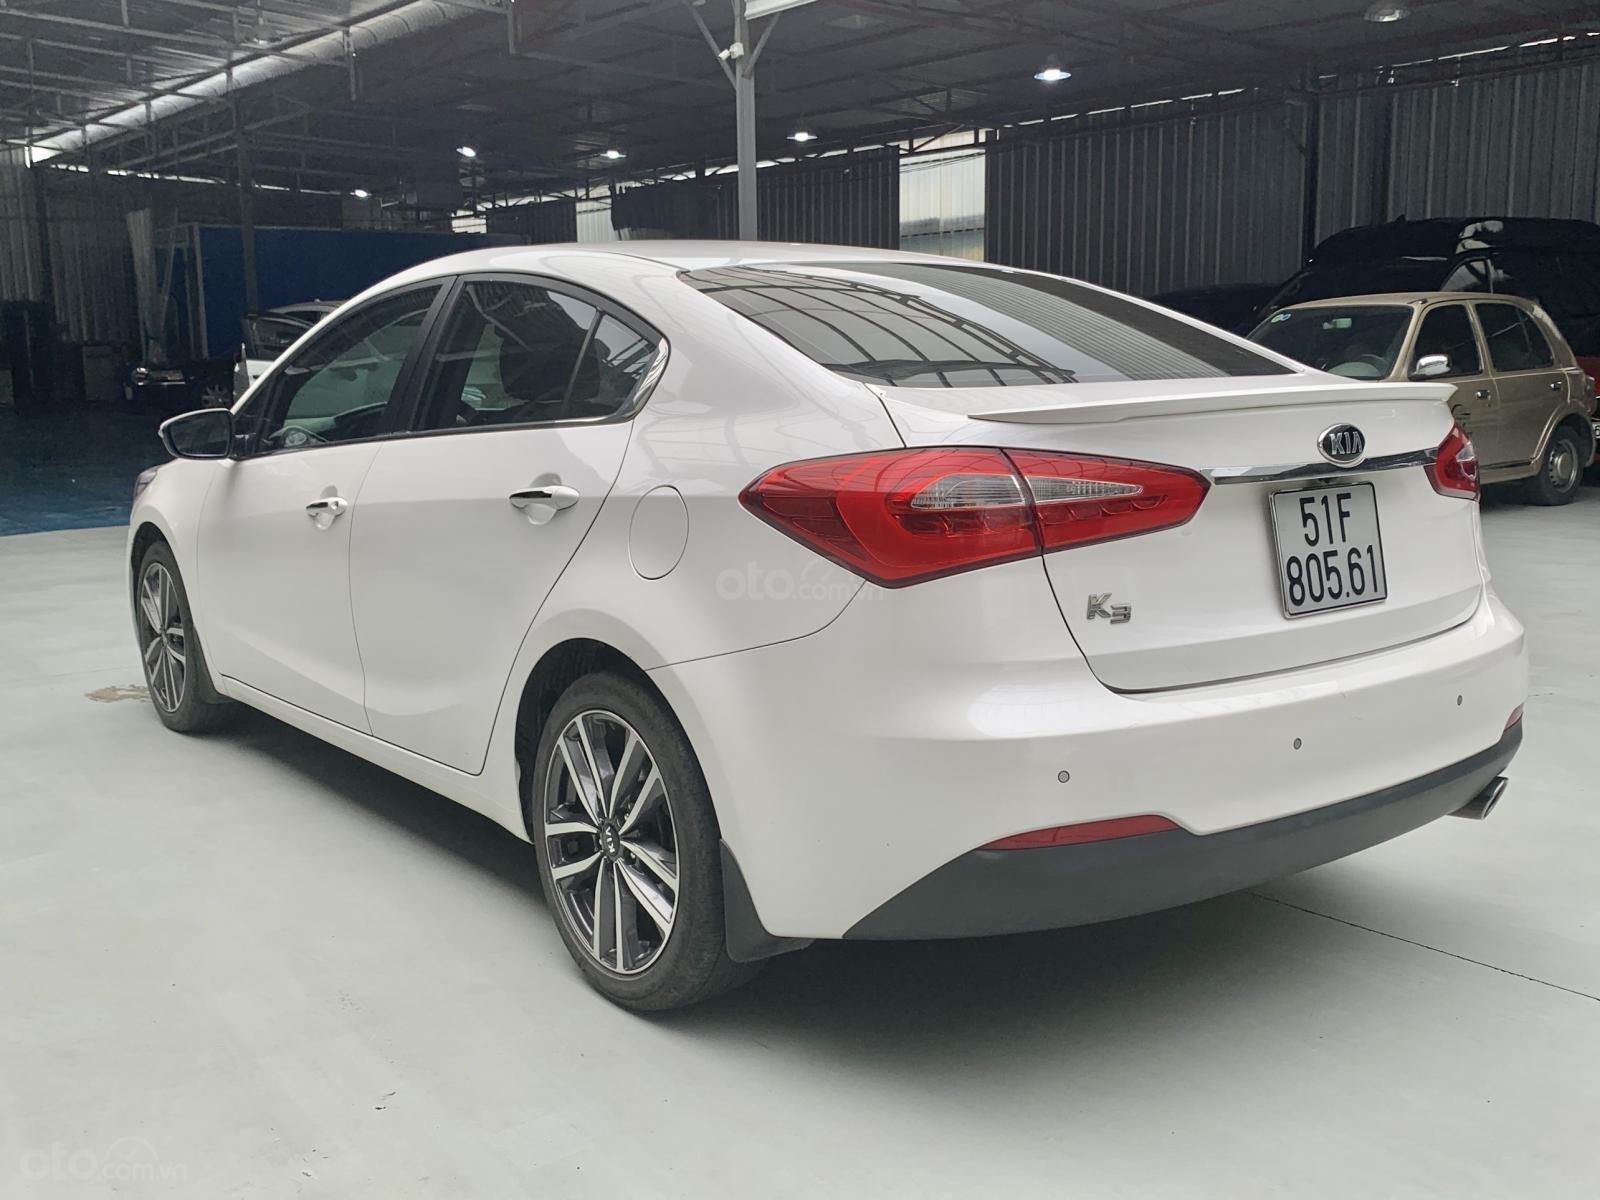 Chính chủ bán Kia K3 1.6AT sx 2016 tự động biển sài Gòn, không dịch vụ xe cực đẹp bao test tại hãng (10)